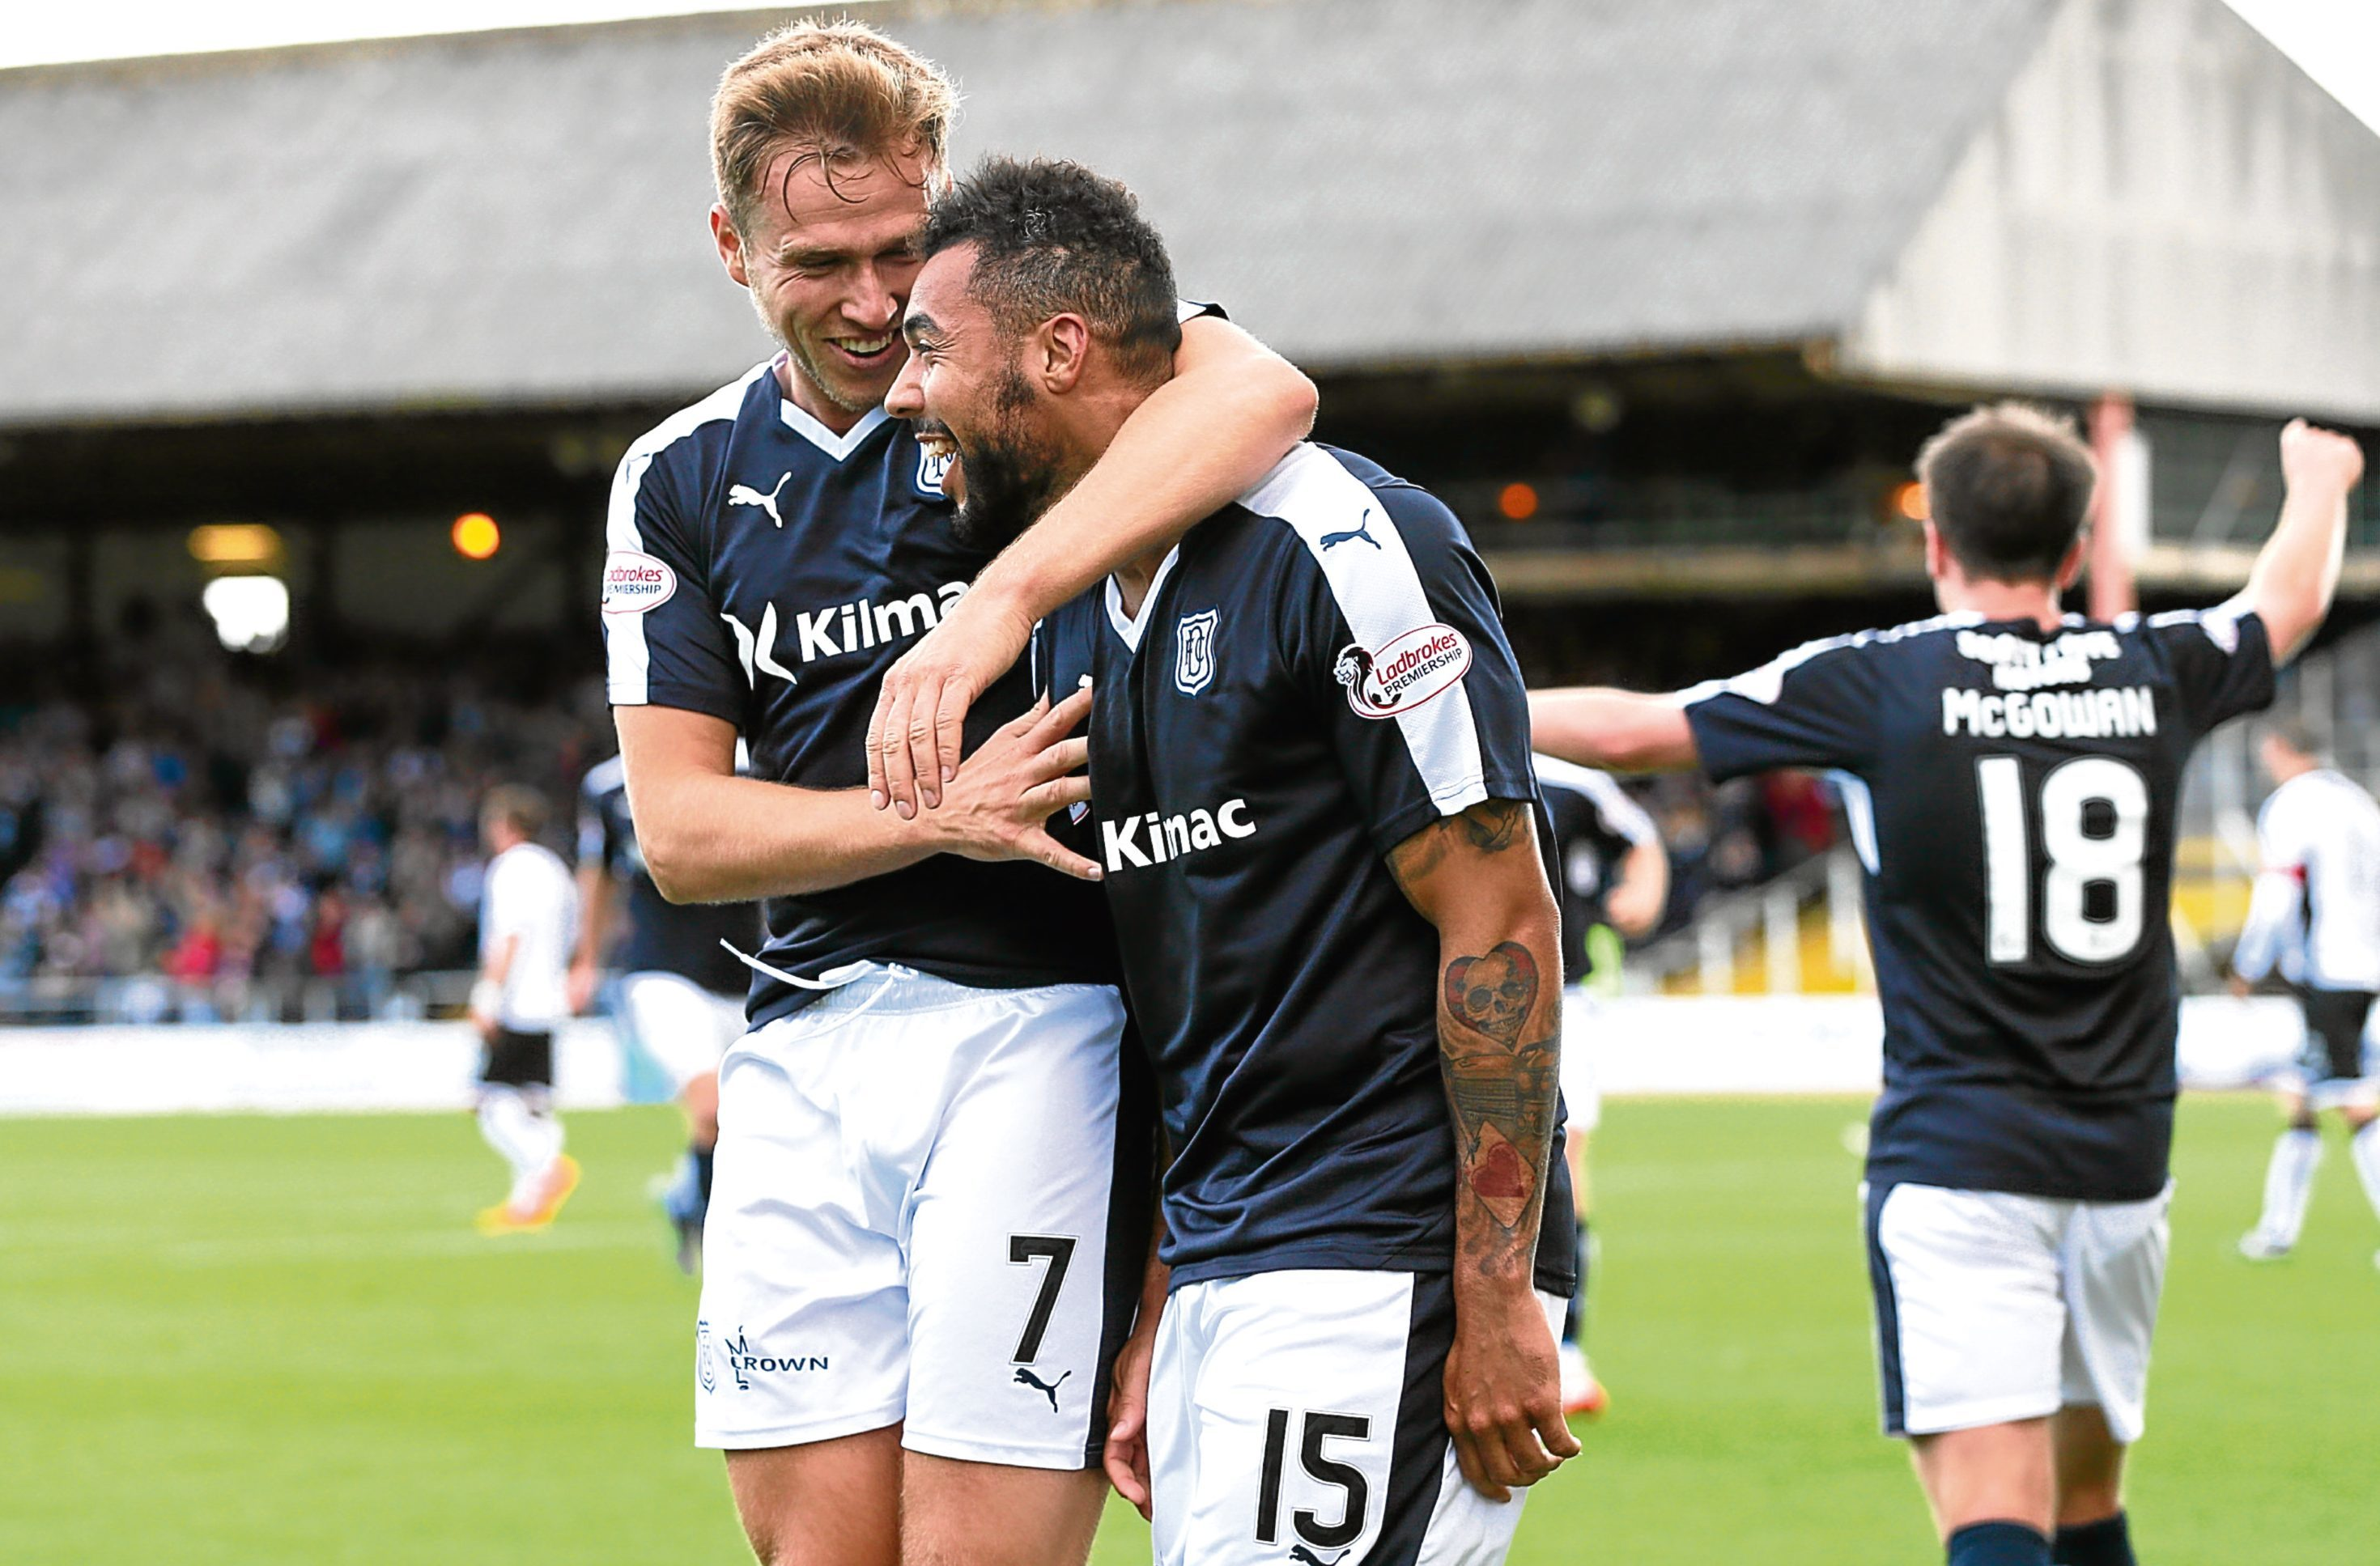 Last season's free-scoring Dundee duo Greg Stewart and Kane Hemmings.